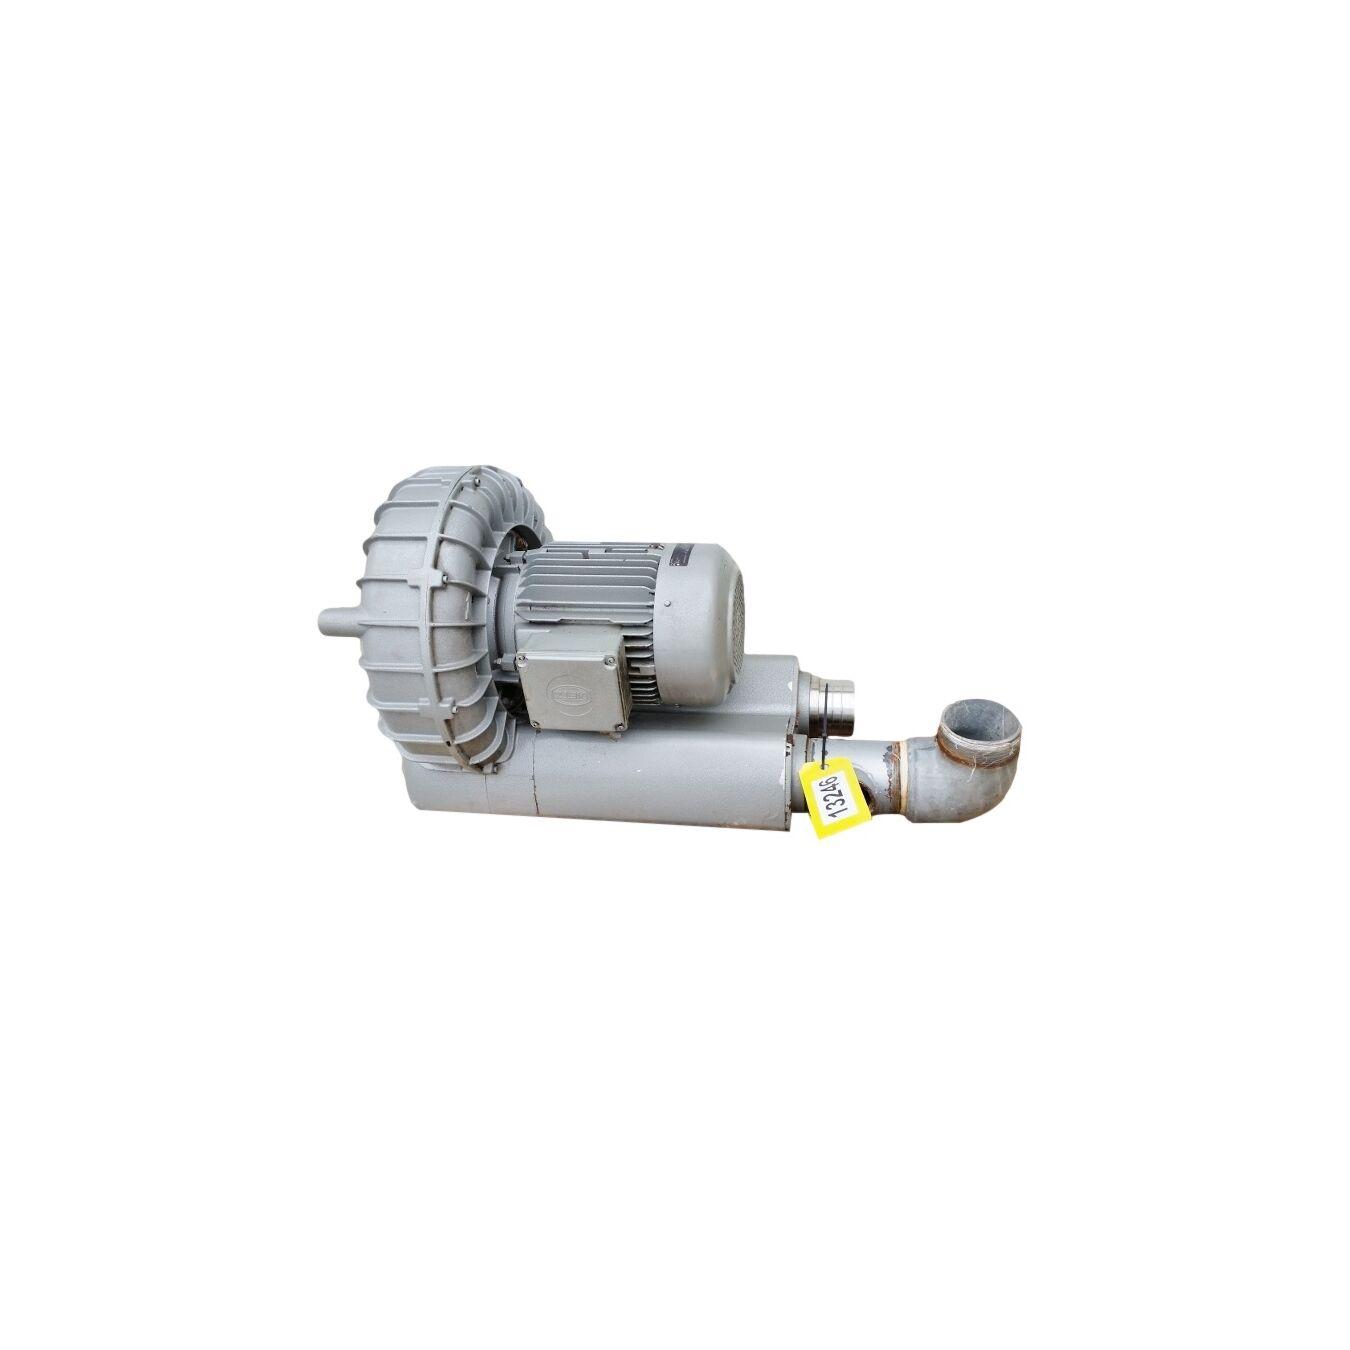 Eg Blower Motor